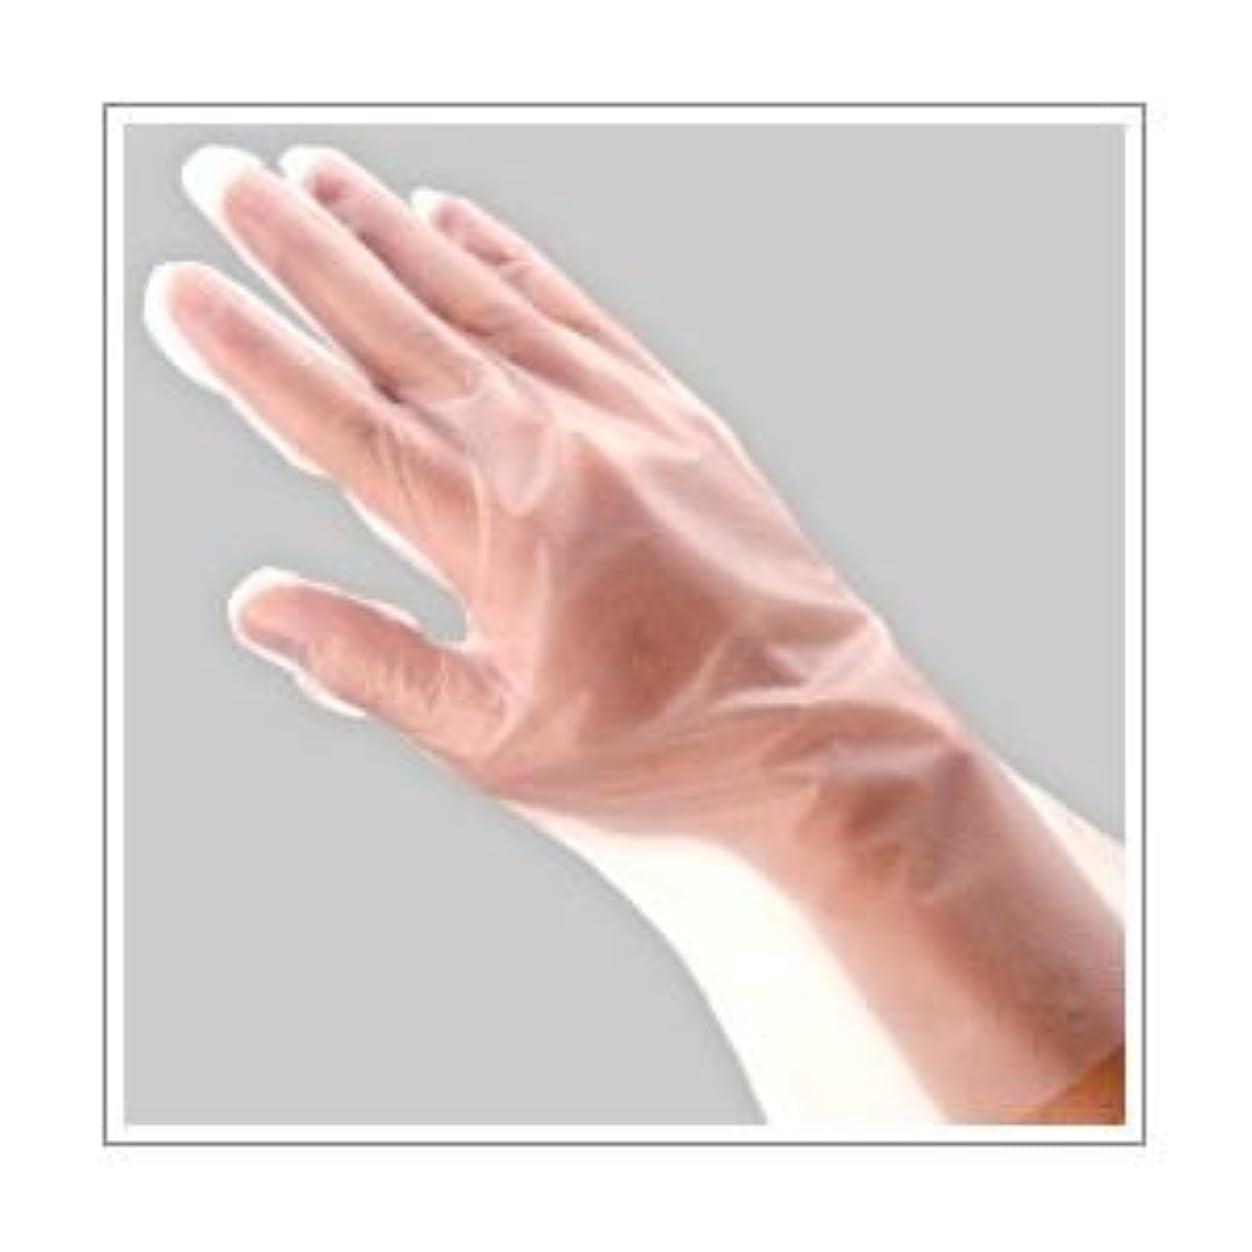 予想外労働ボトル(業務用セット) 福助工業 ポリ手袋 指フィット 100枚パック S 【×10セット】 dS-1640683